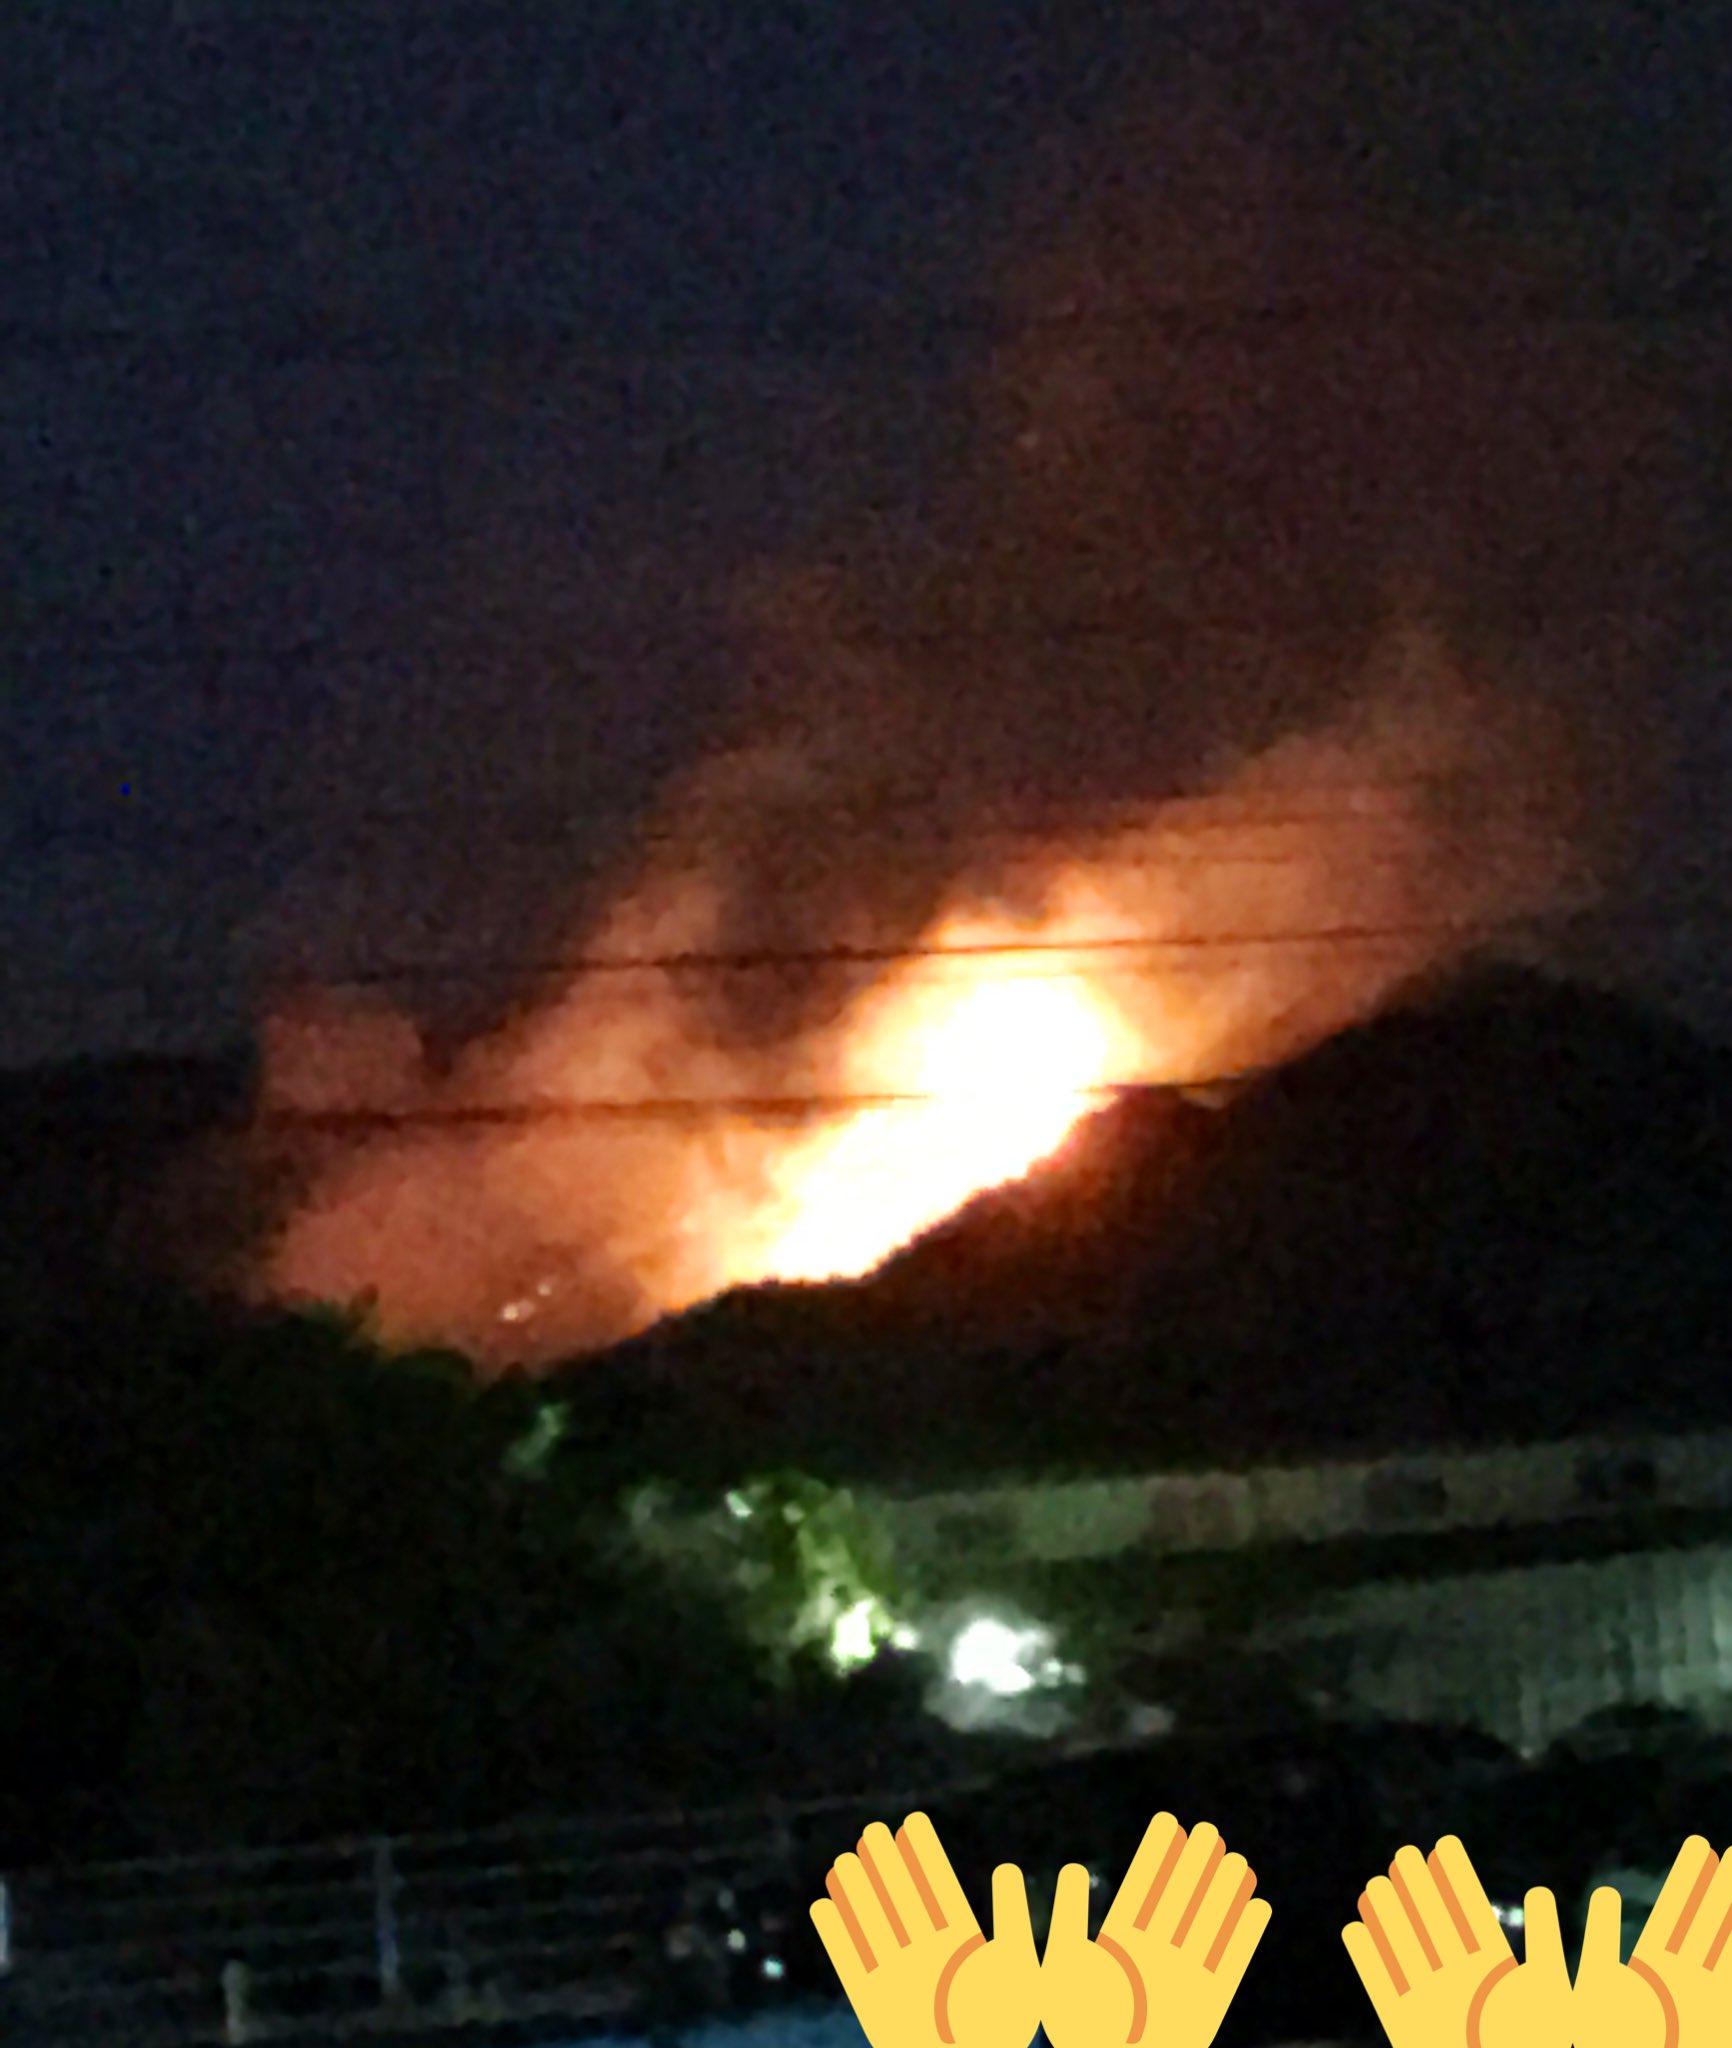 画像,こんな近い山火事は初。え、めっちゃ燃えてるやん。 https://t.co/7pvGs7vEf1。